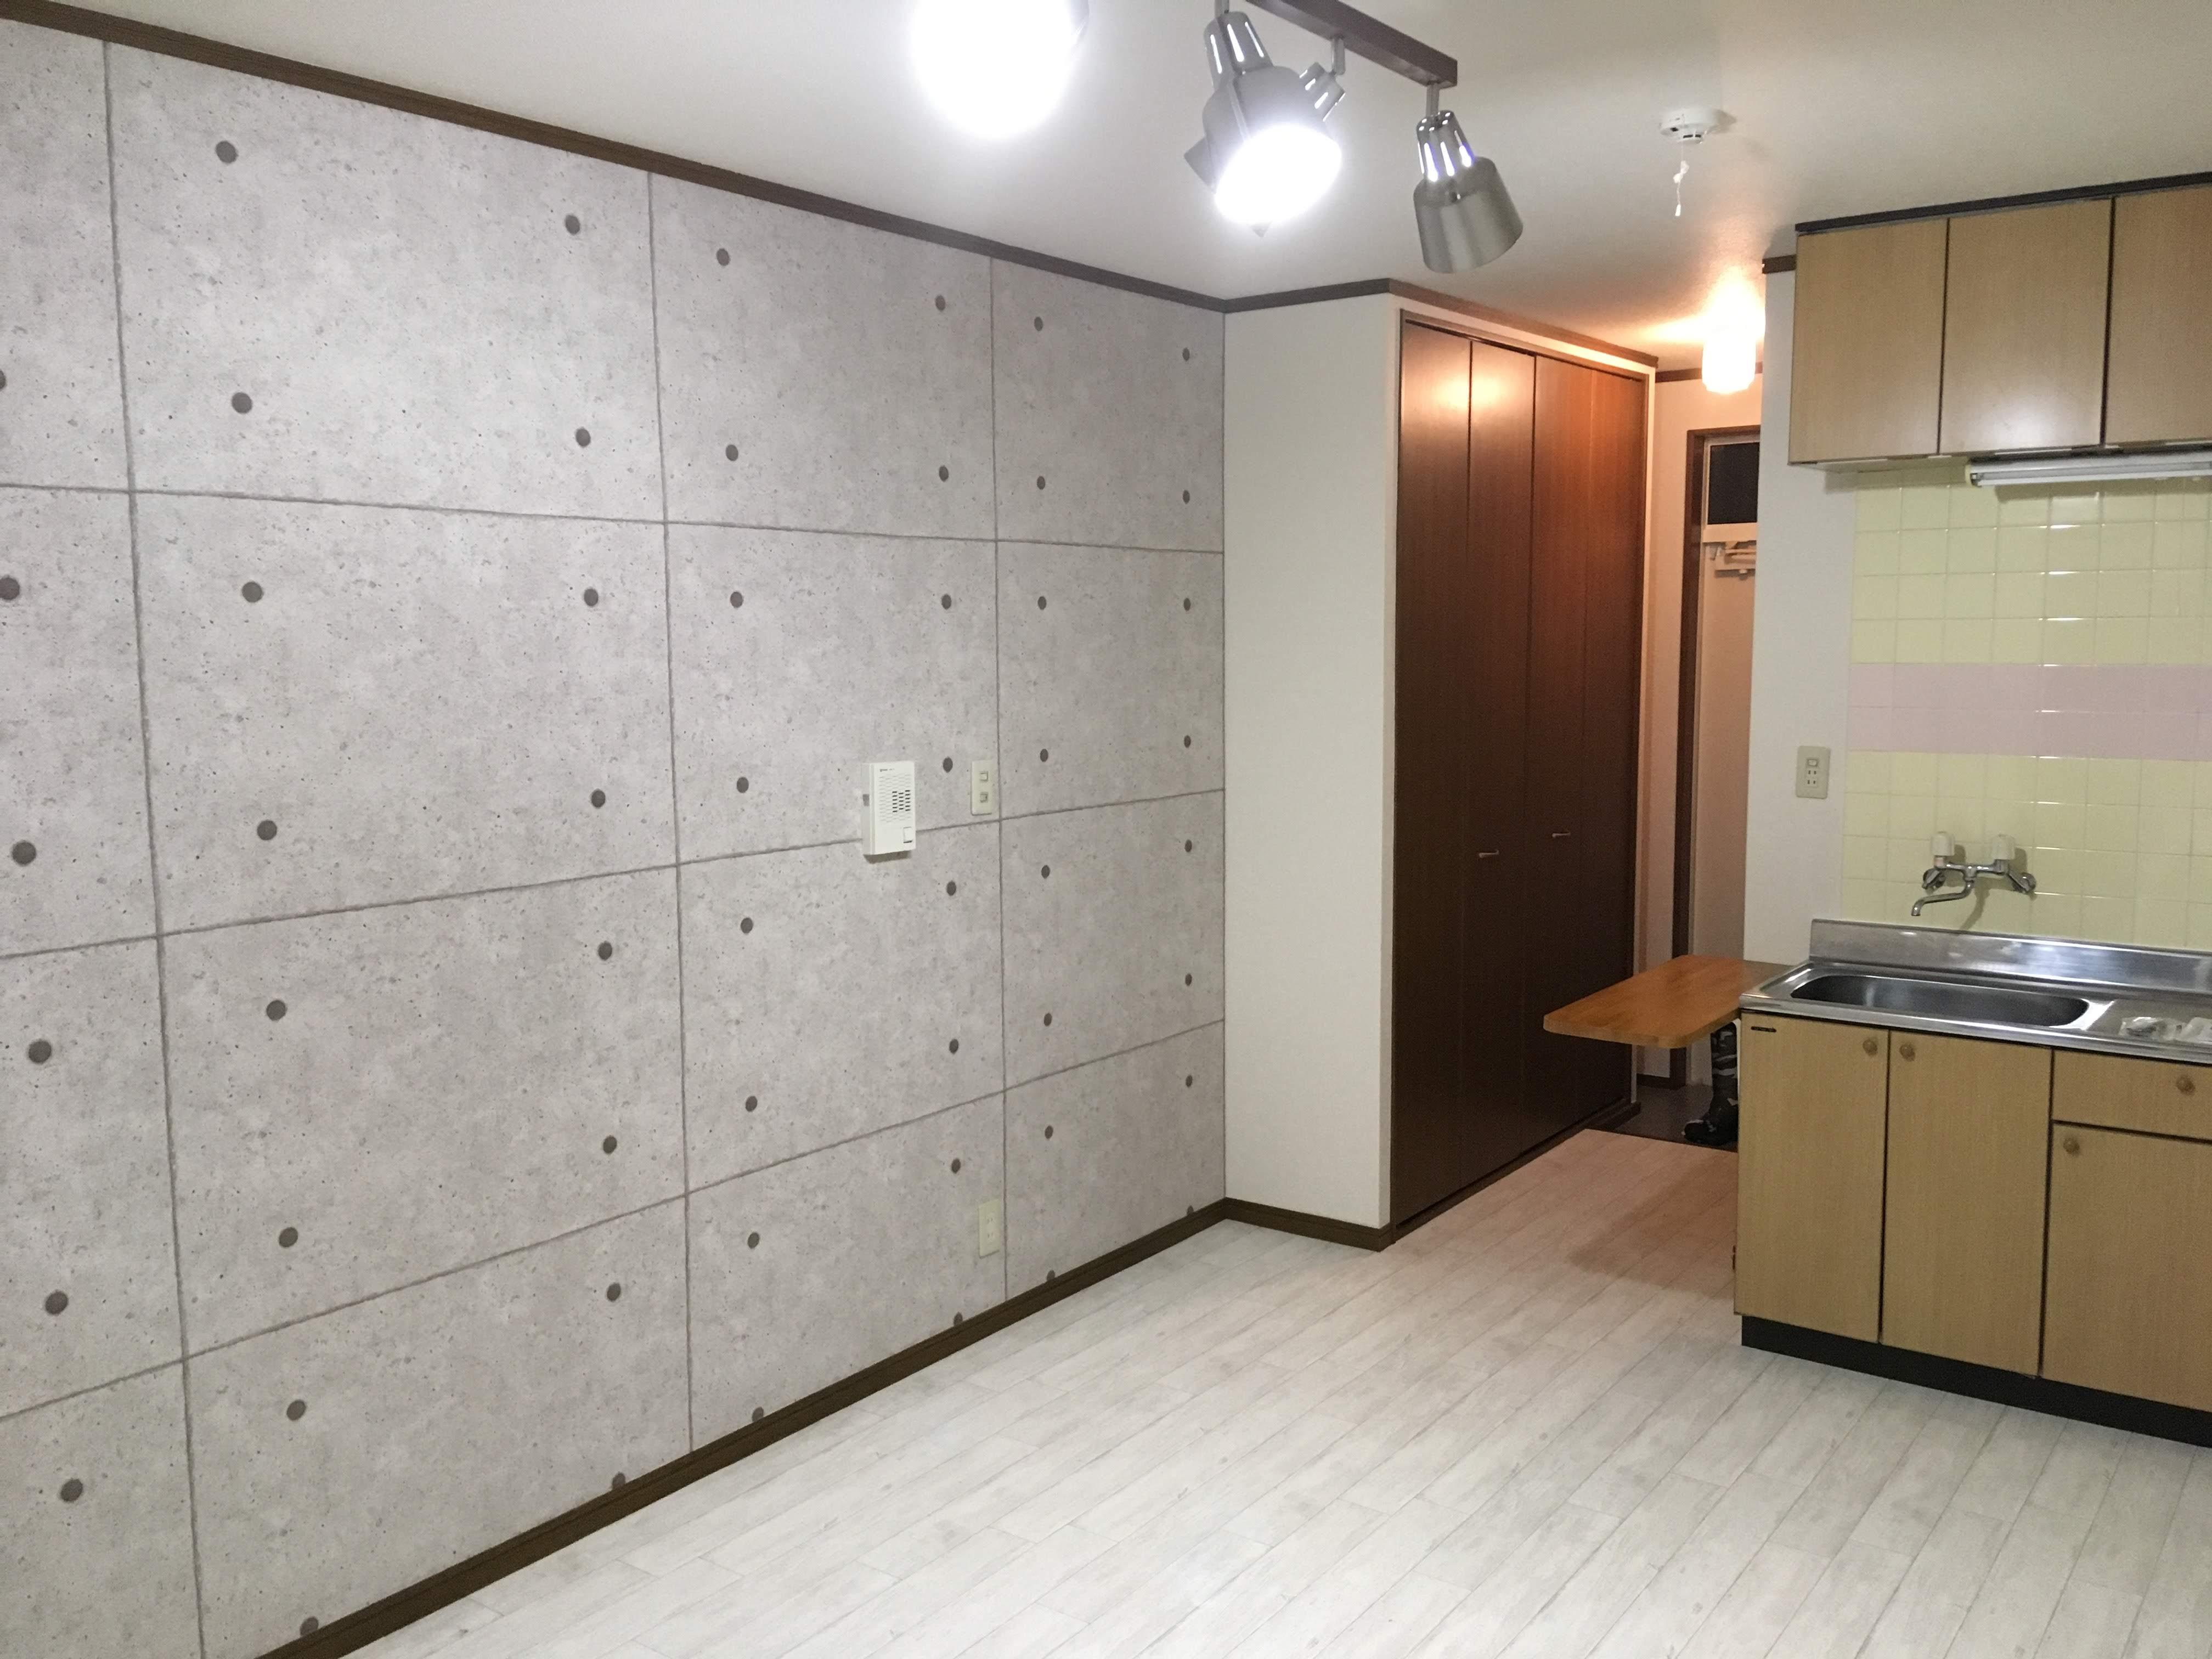 青森市で不用品回収・不用品処分や内装工事は業者にお任せ|陽気屋本舗